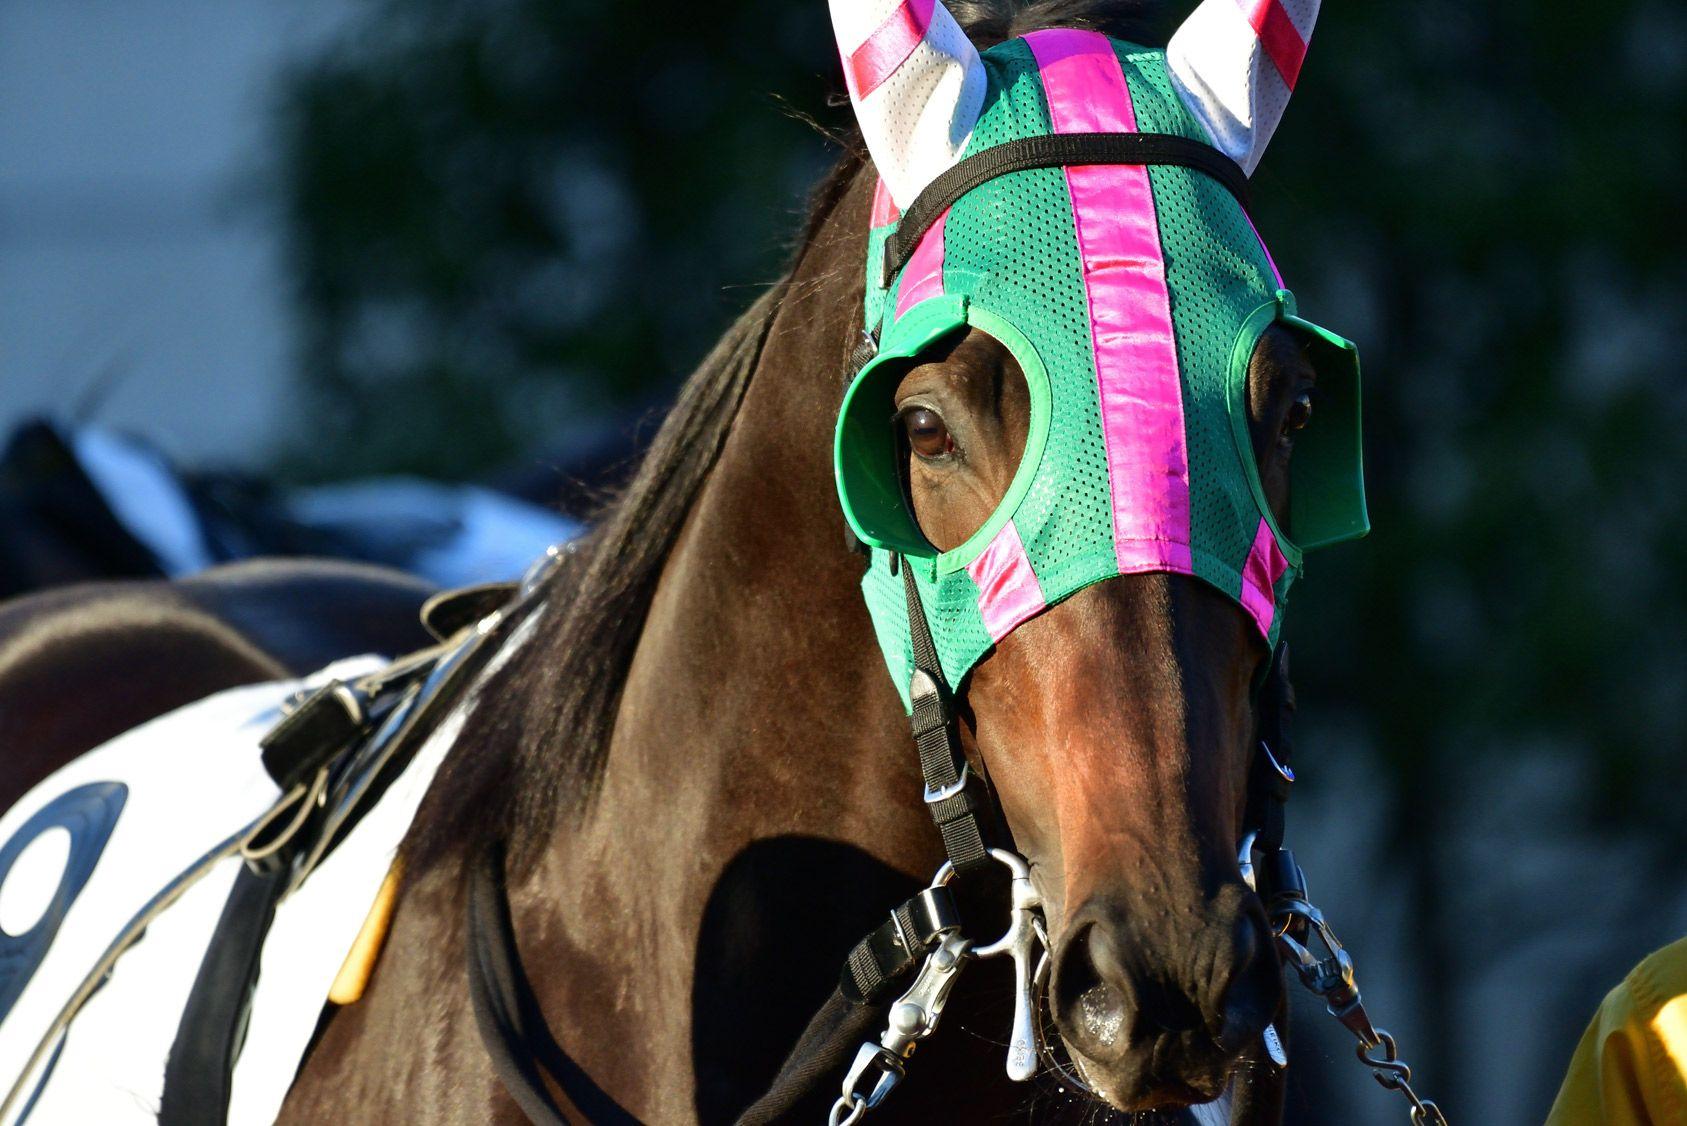 Acheter un cheval de course à plusieurs